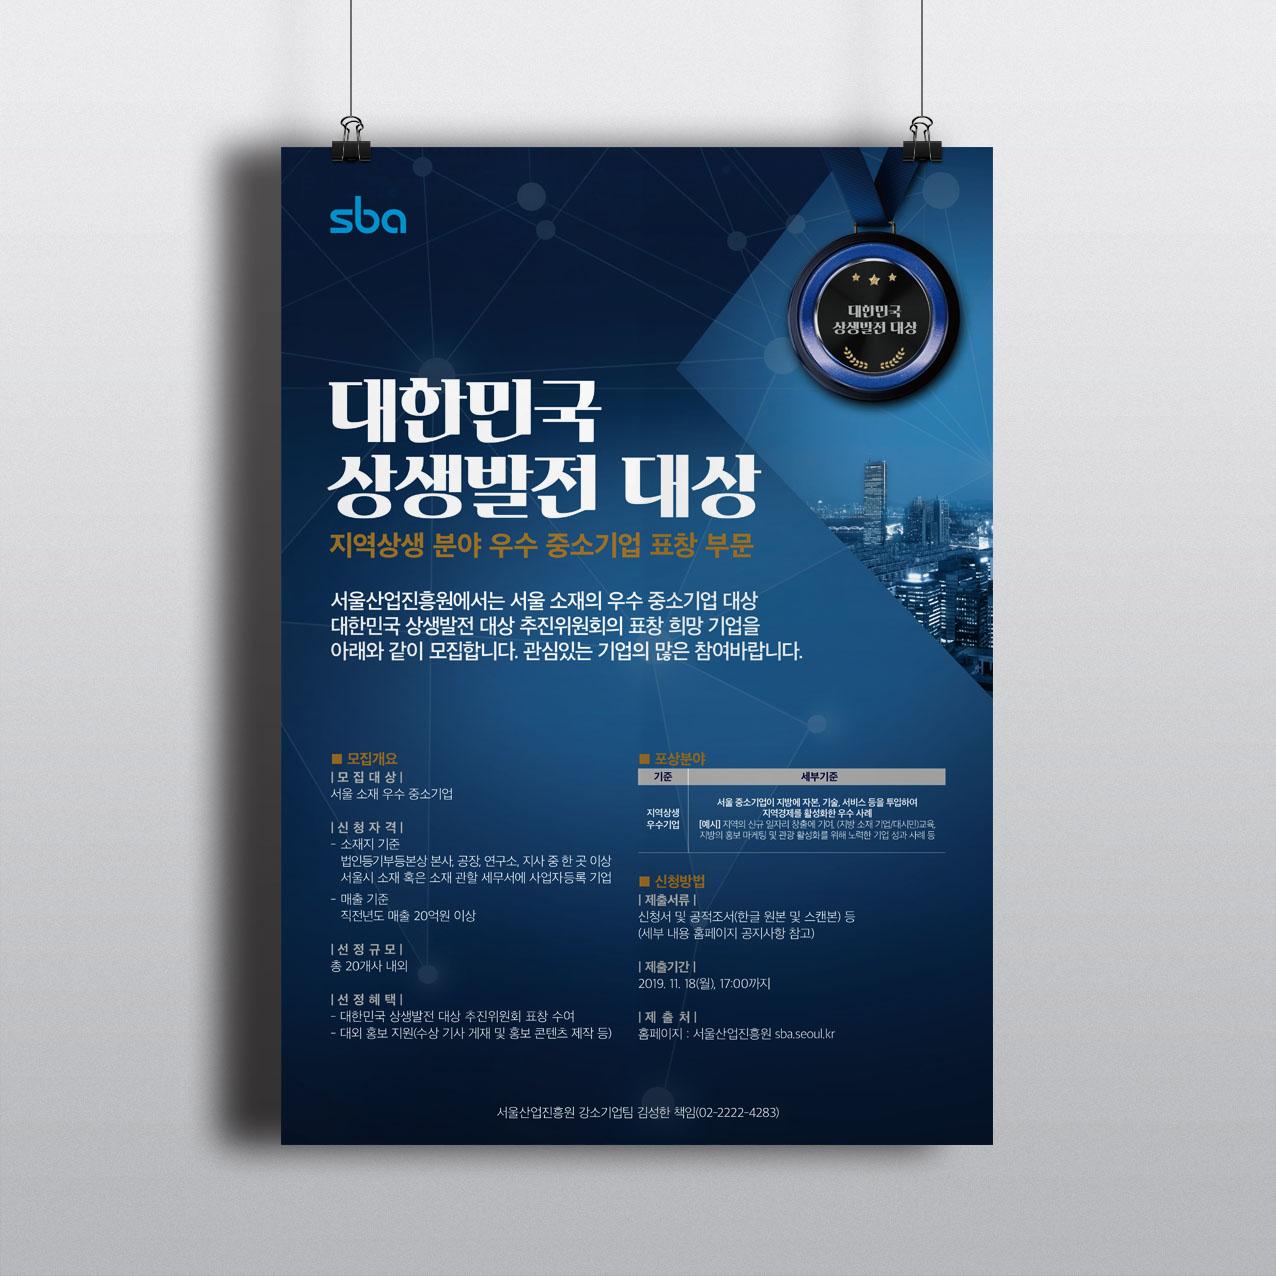 대한민국 상생발전 대상 포스터 디자인 시안 - SBA 한국산업진흥원